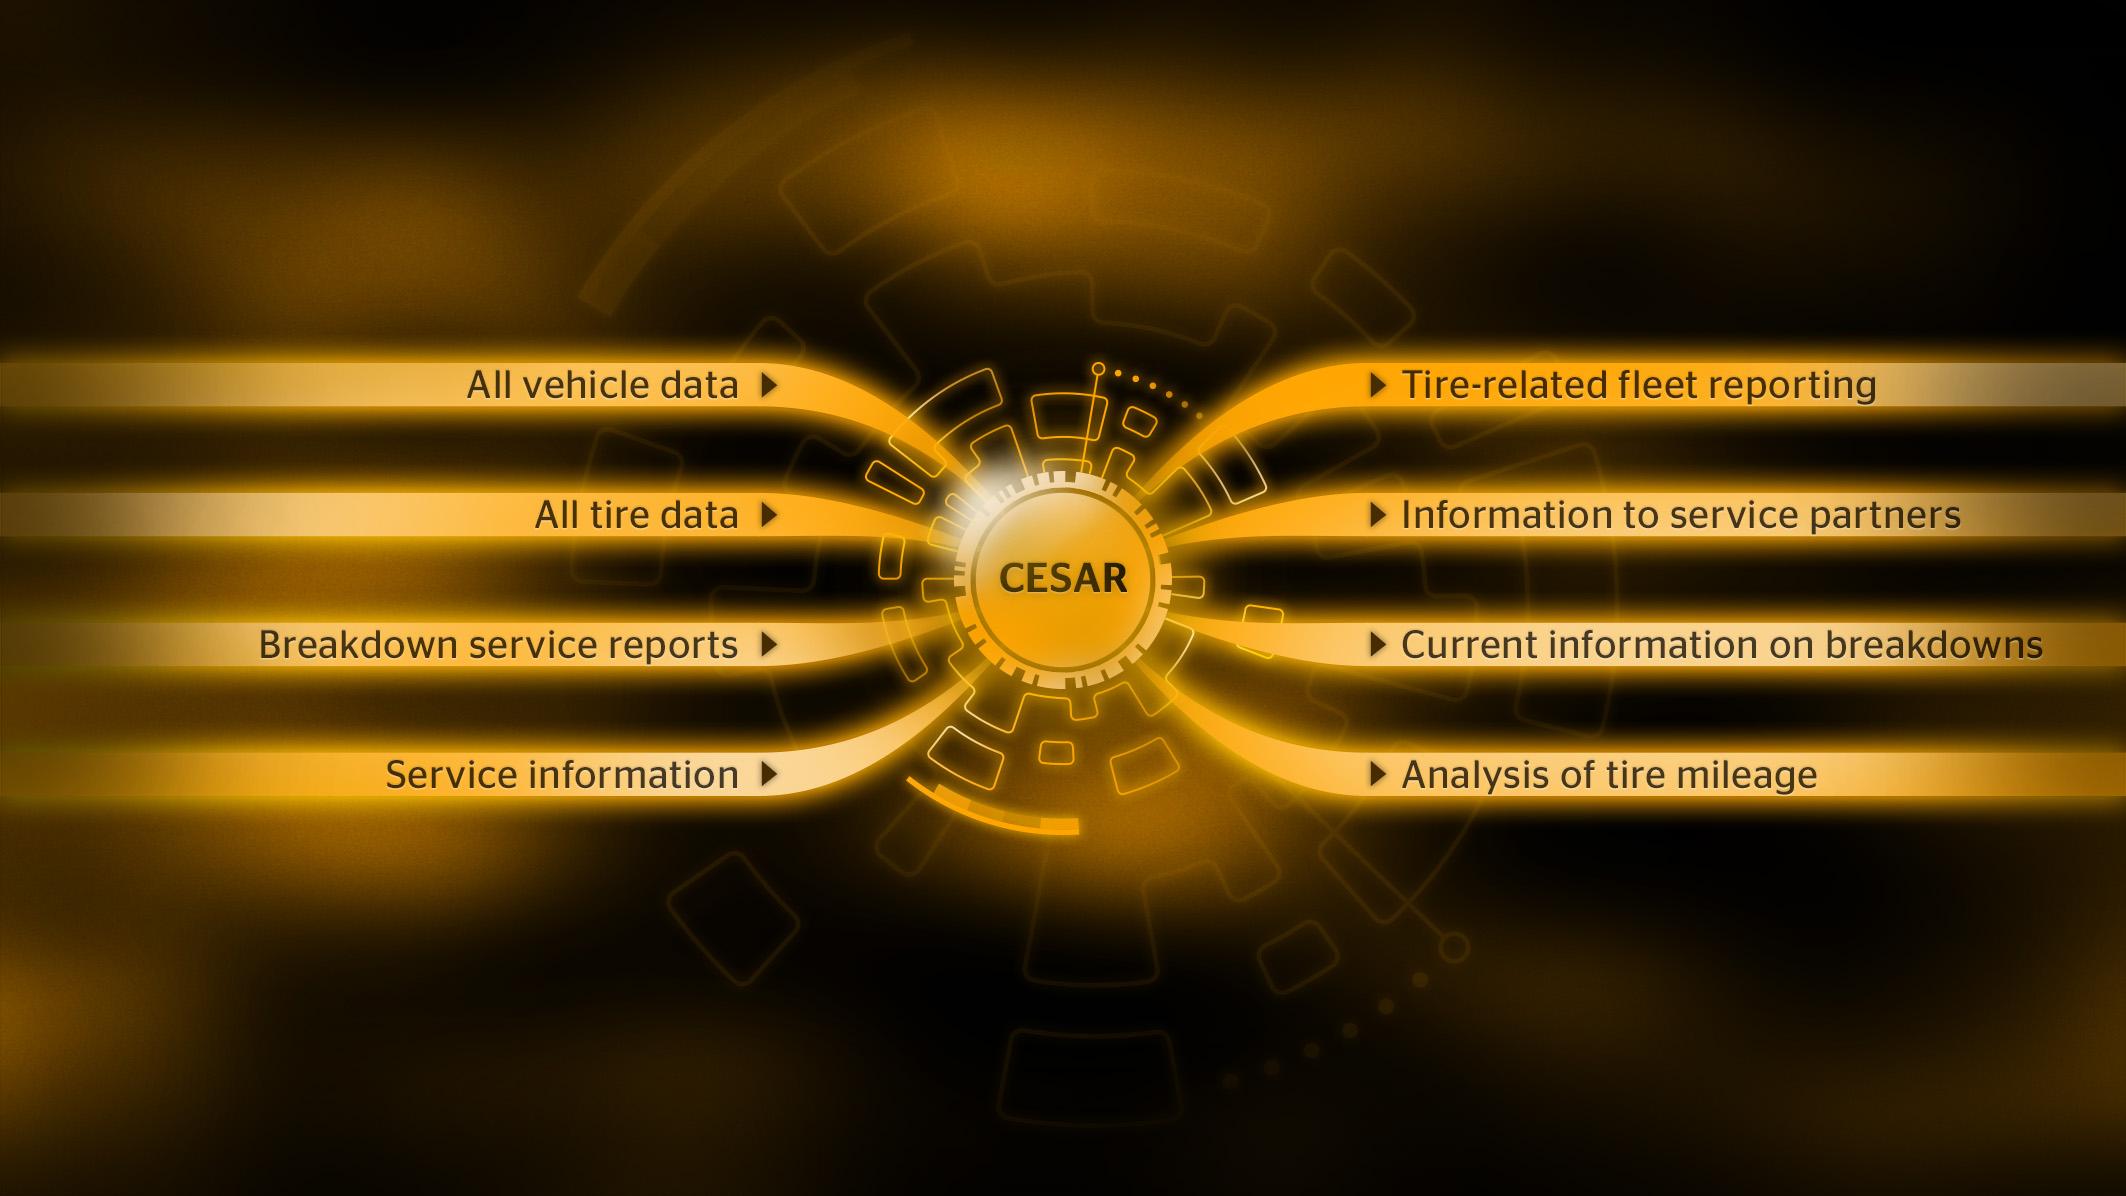 Rozhranie umožňuje nepretržitú výmenu dát týkajúcich sa služieb medzi PEMA a Continentalom